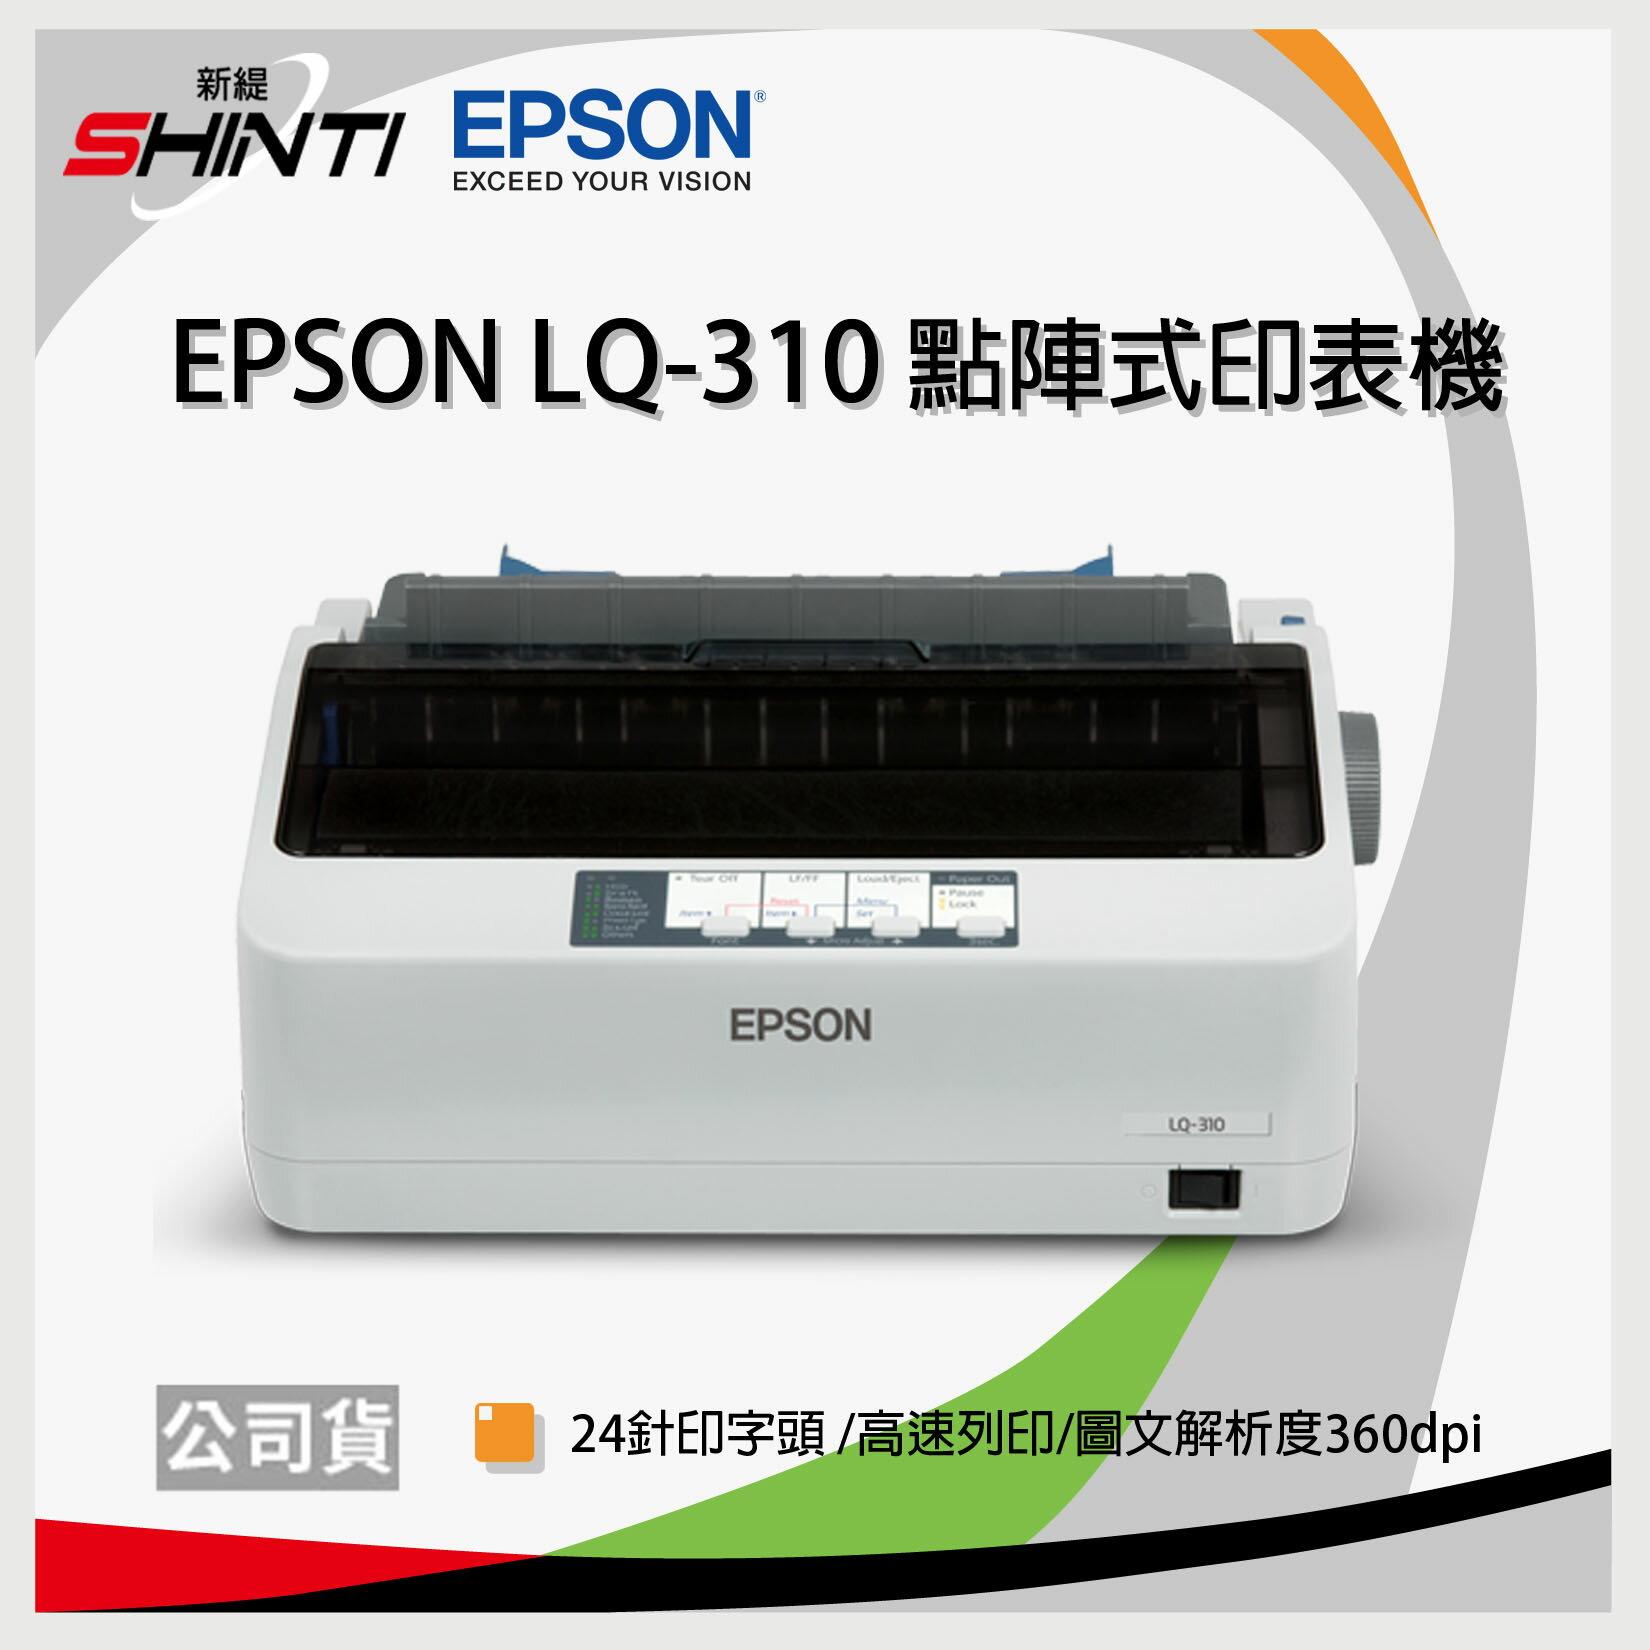 【免運】EPSON LQ-310 24針 點矩陣印表機